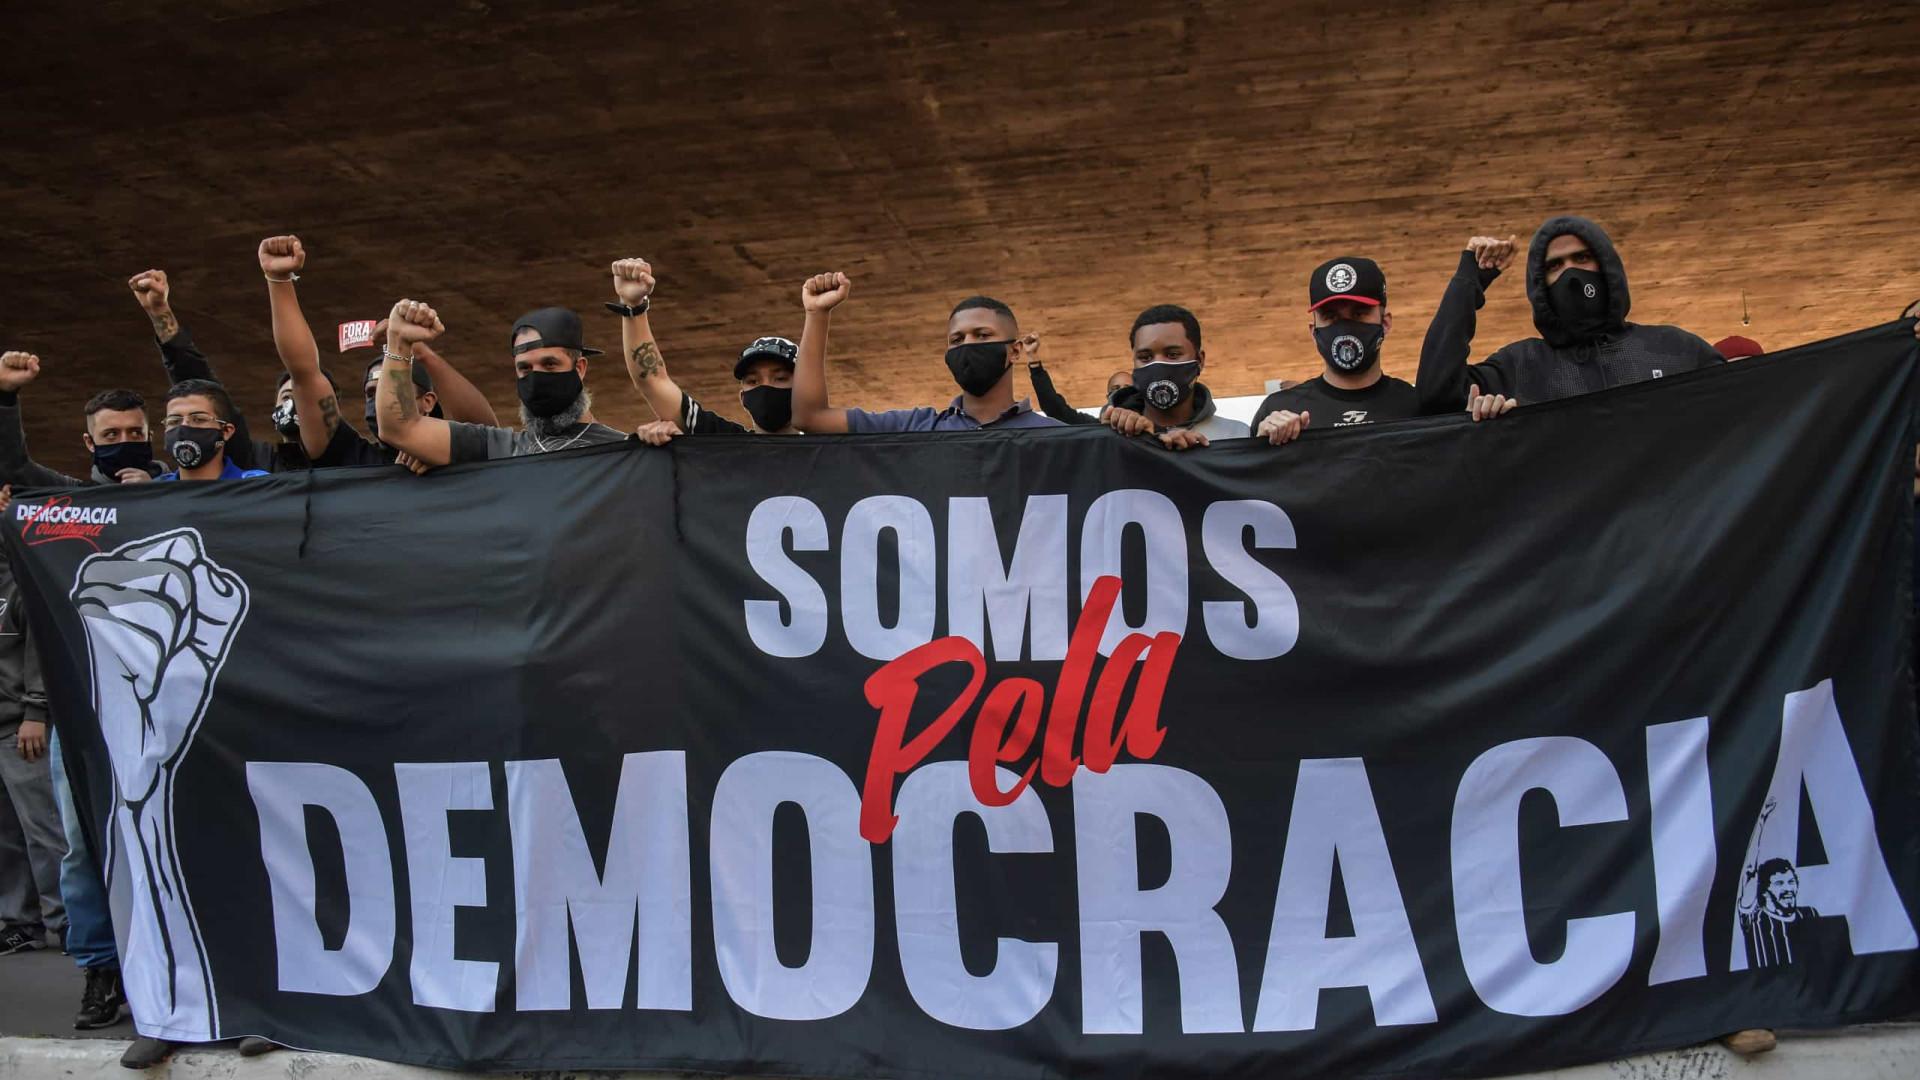 Com conflitos internos, torcidas planejam novo ato pró-democracia